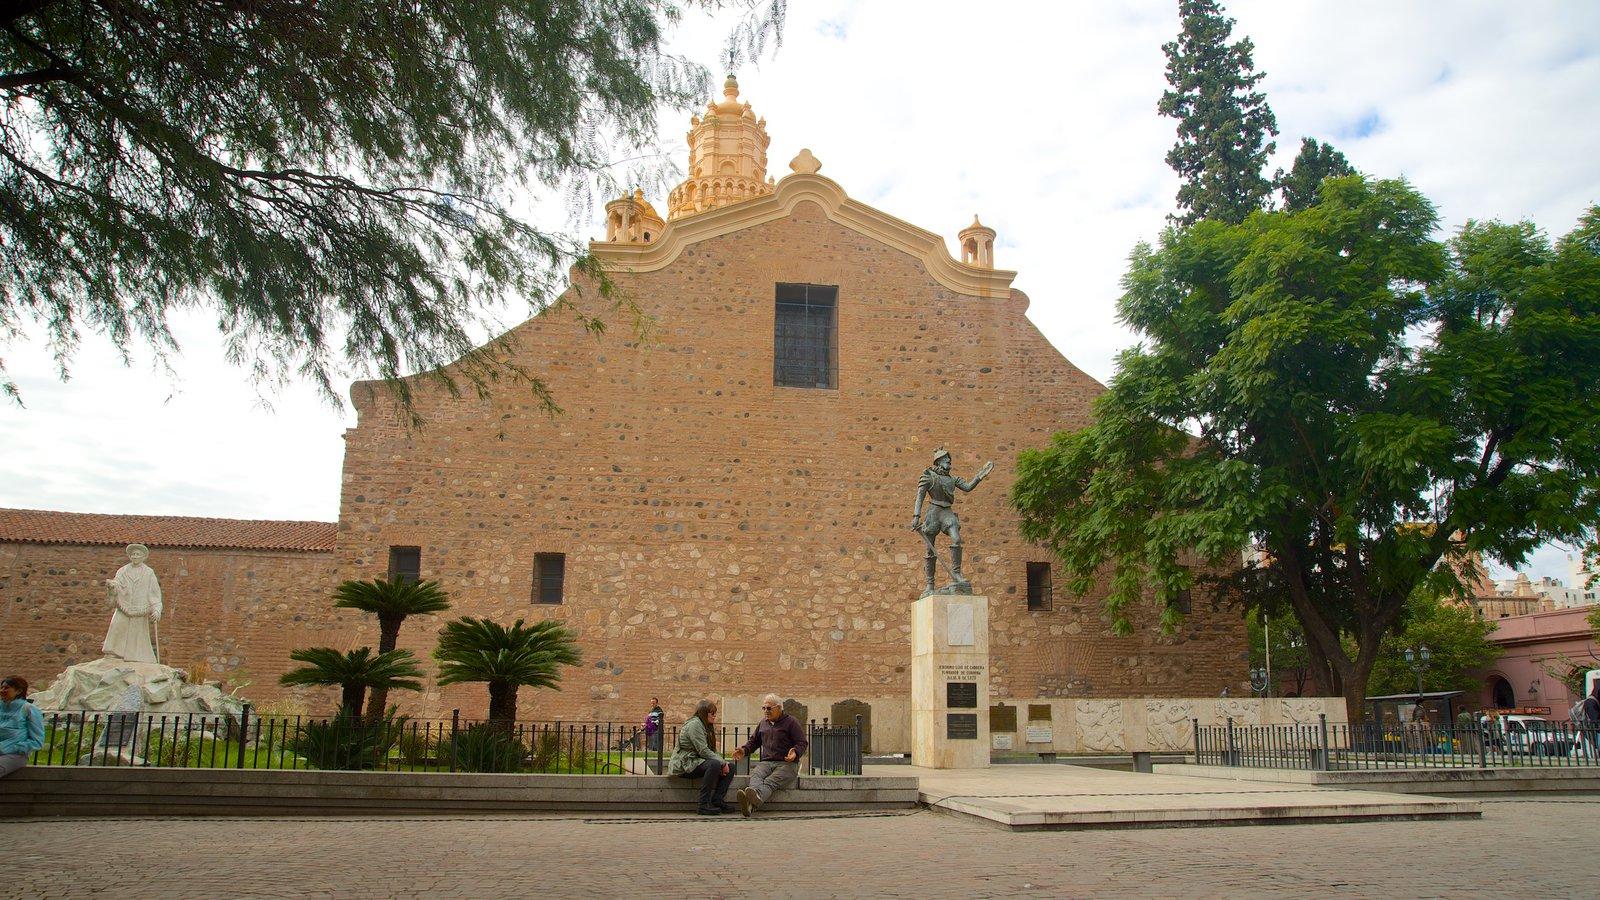 Catedral de Cordoba caracterizando elementos religiosos, arquitetura de patrimônio e uma igreja ou catedral